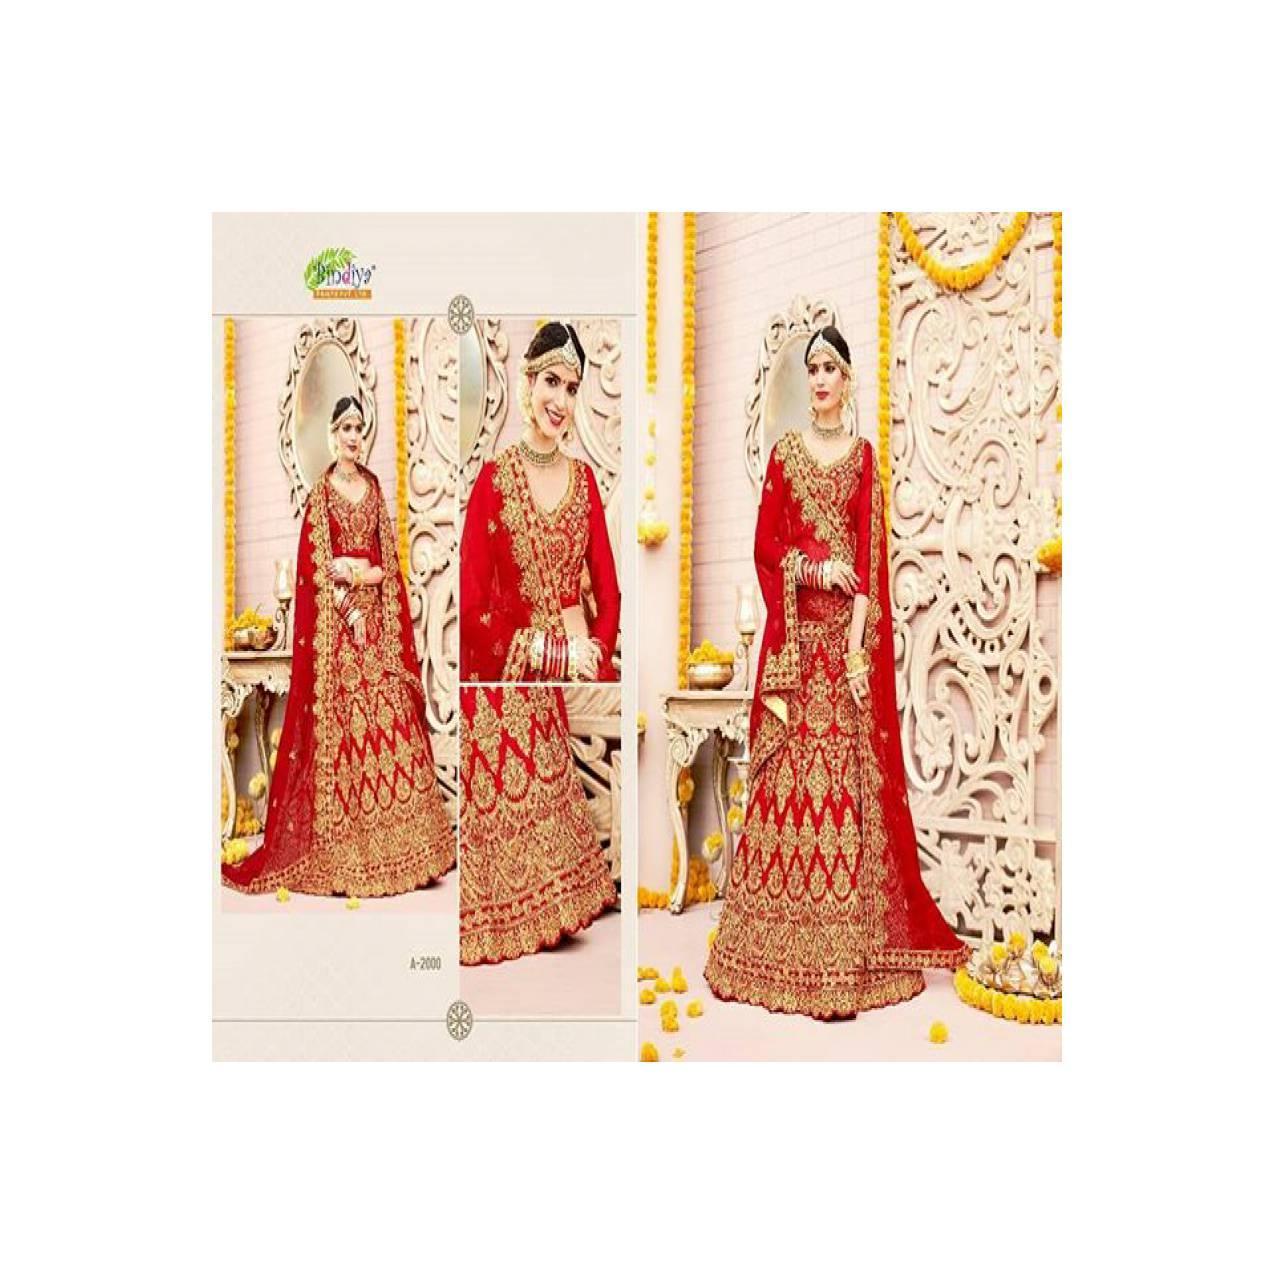 Bindiya Bridal Lehenga 2 / Gaun Pengantin Muslim / Gamis Pesta Muslim